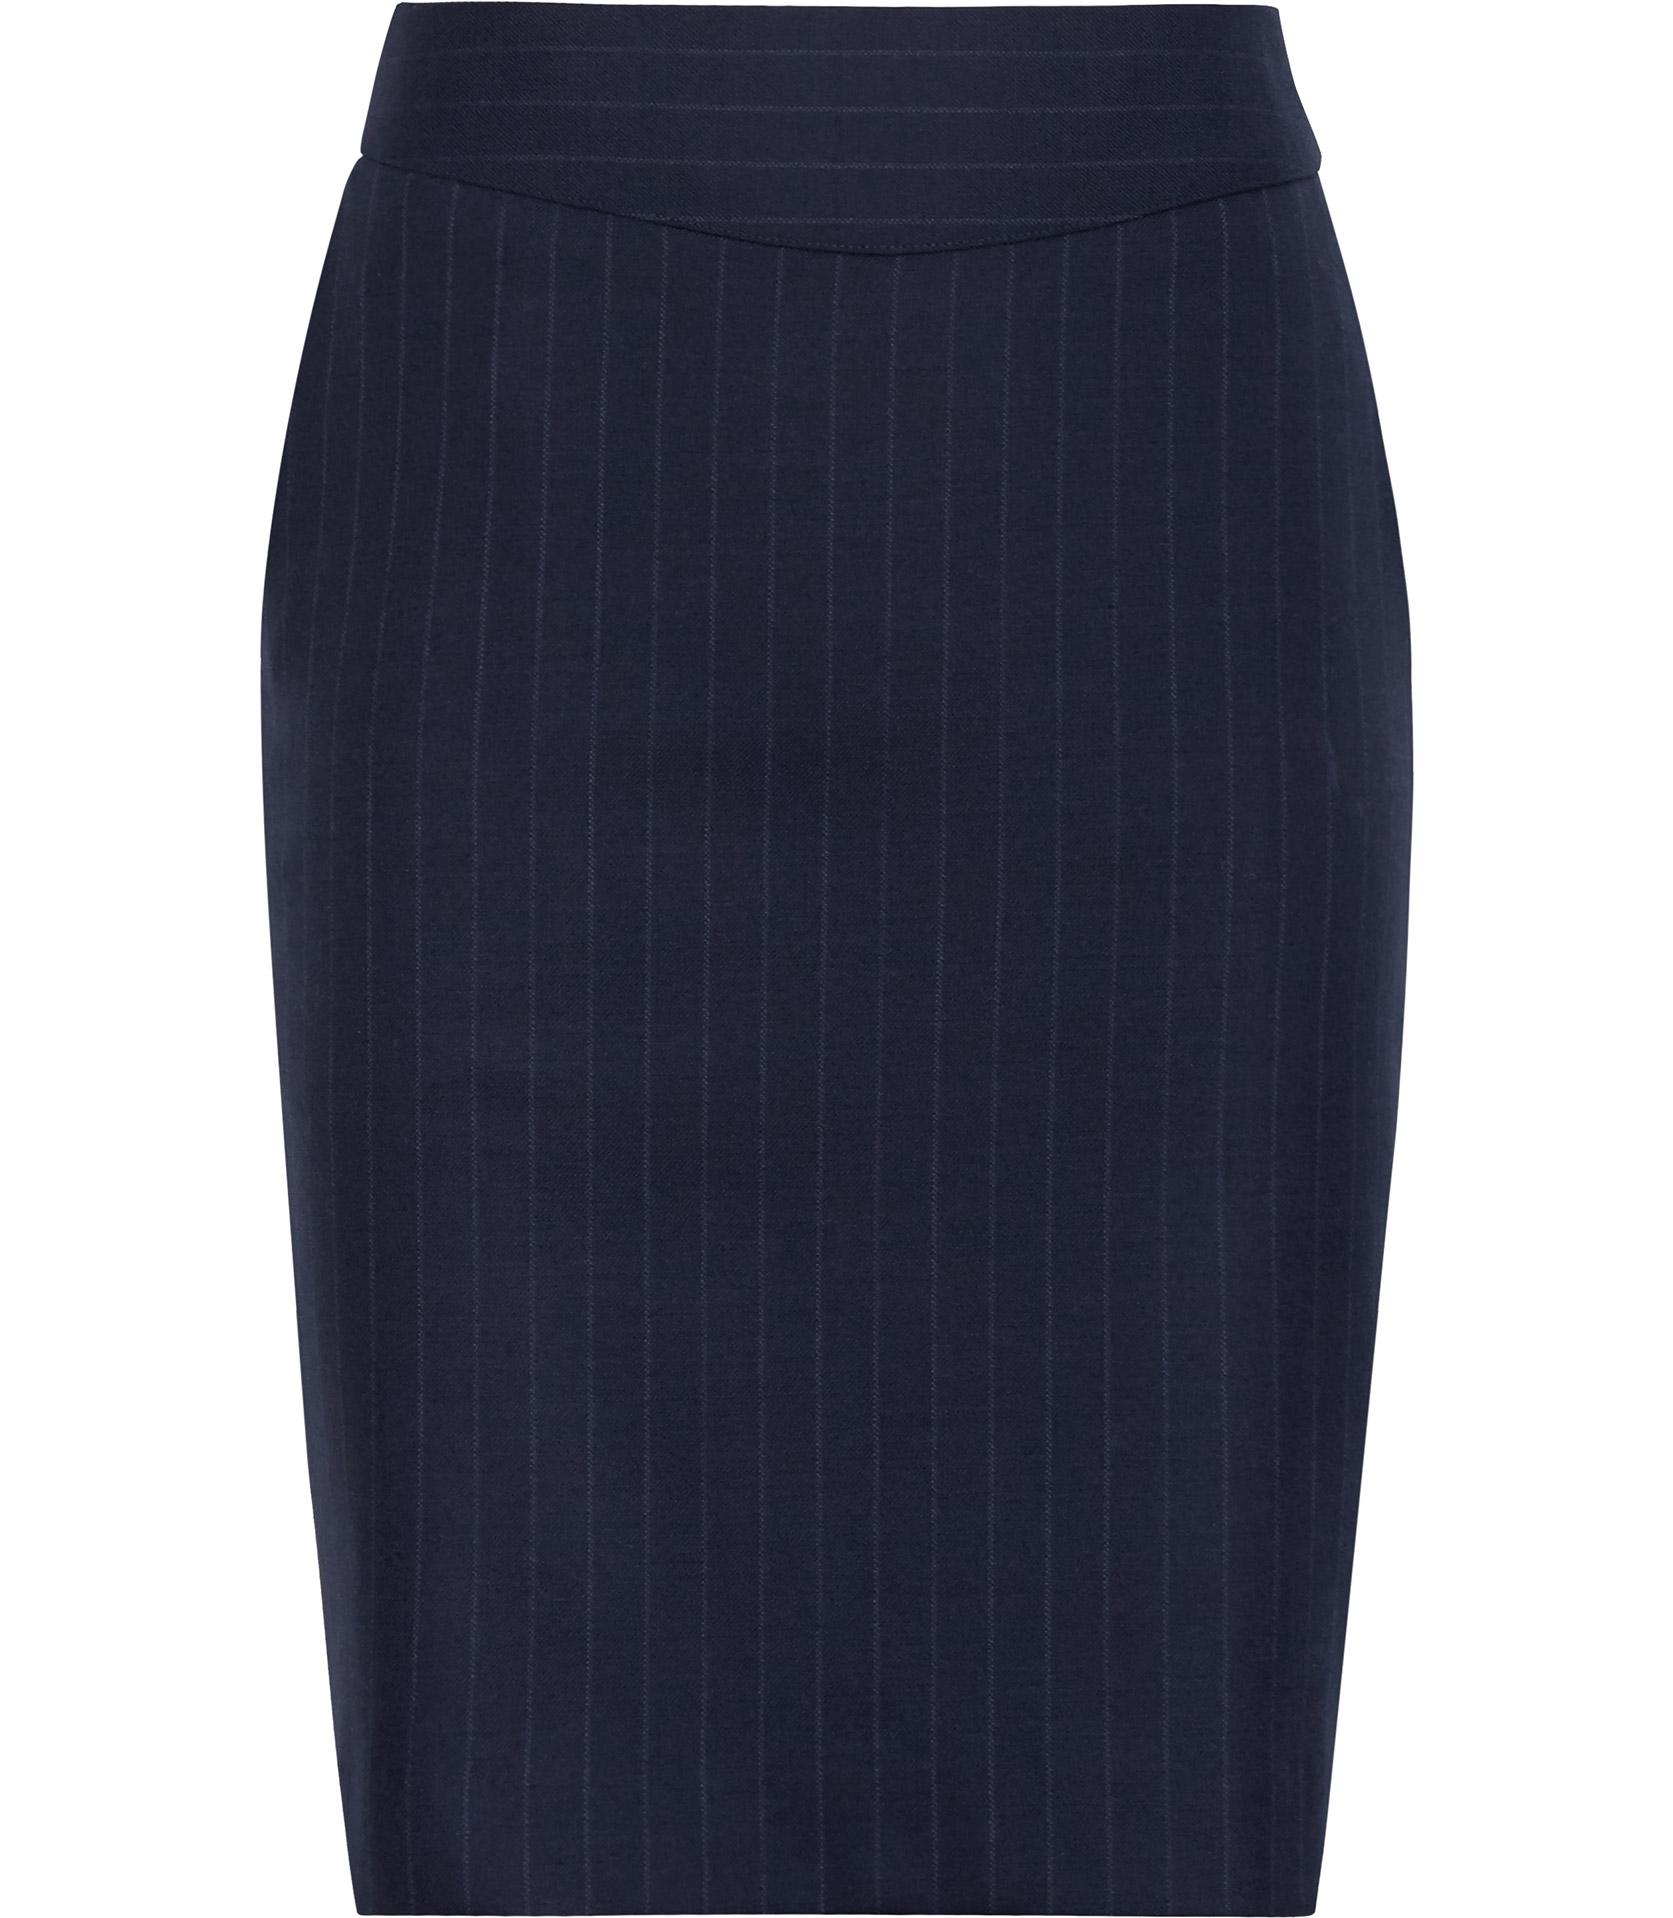 Reiss Ginger Pinstripe Pencil Skirt in Blue | Lyst